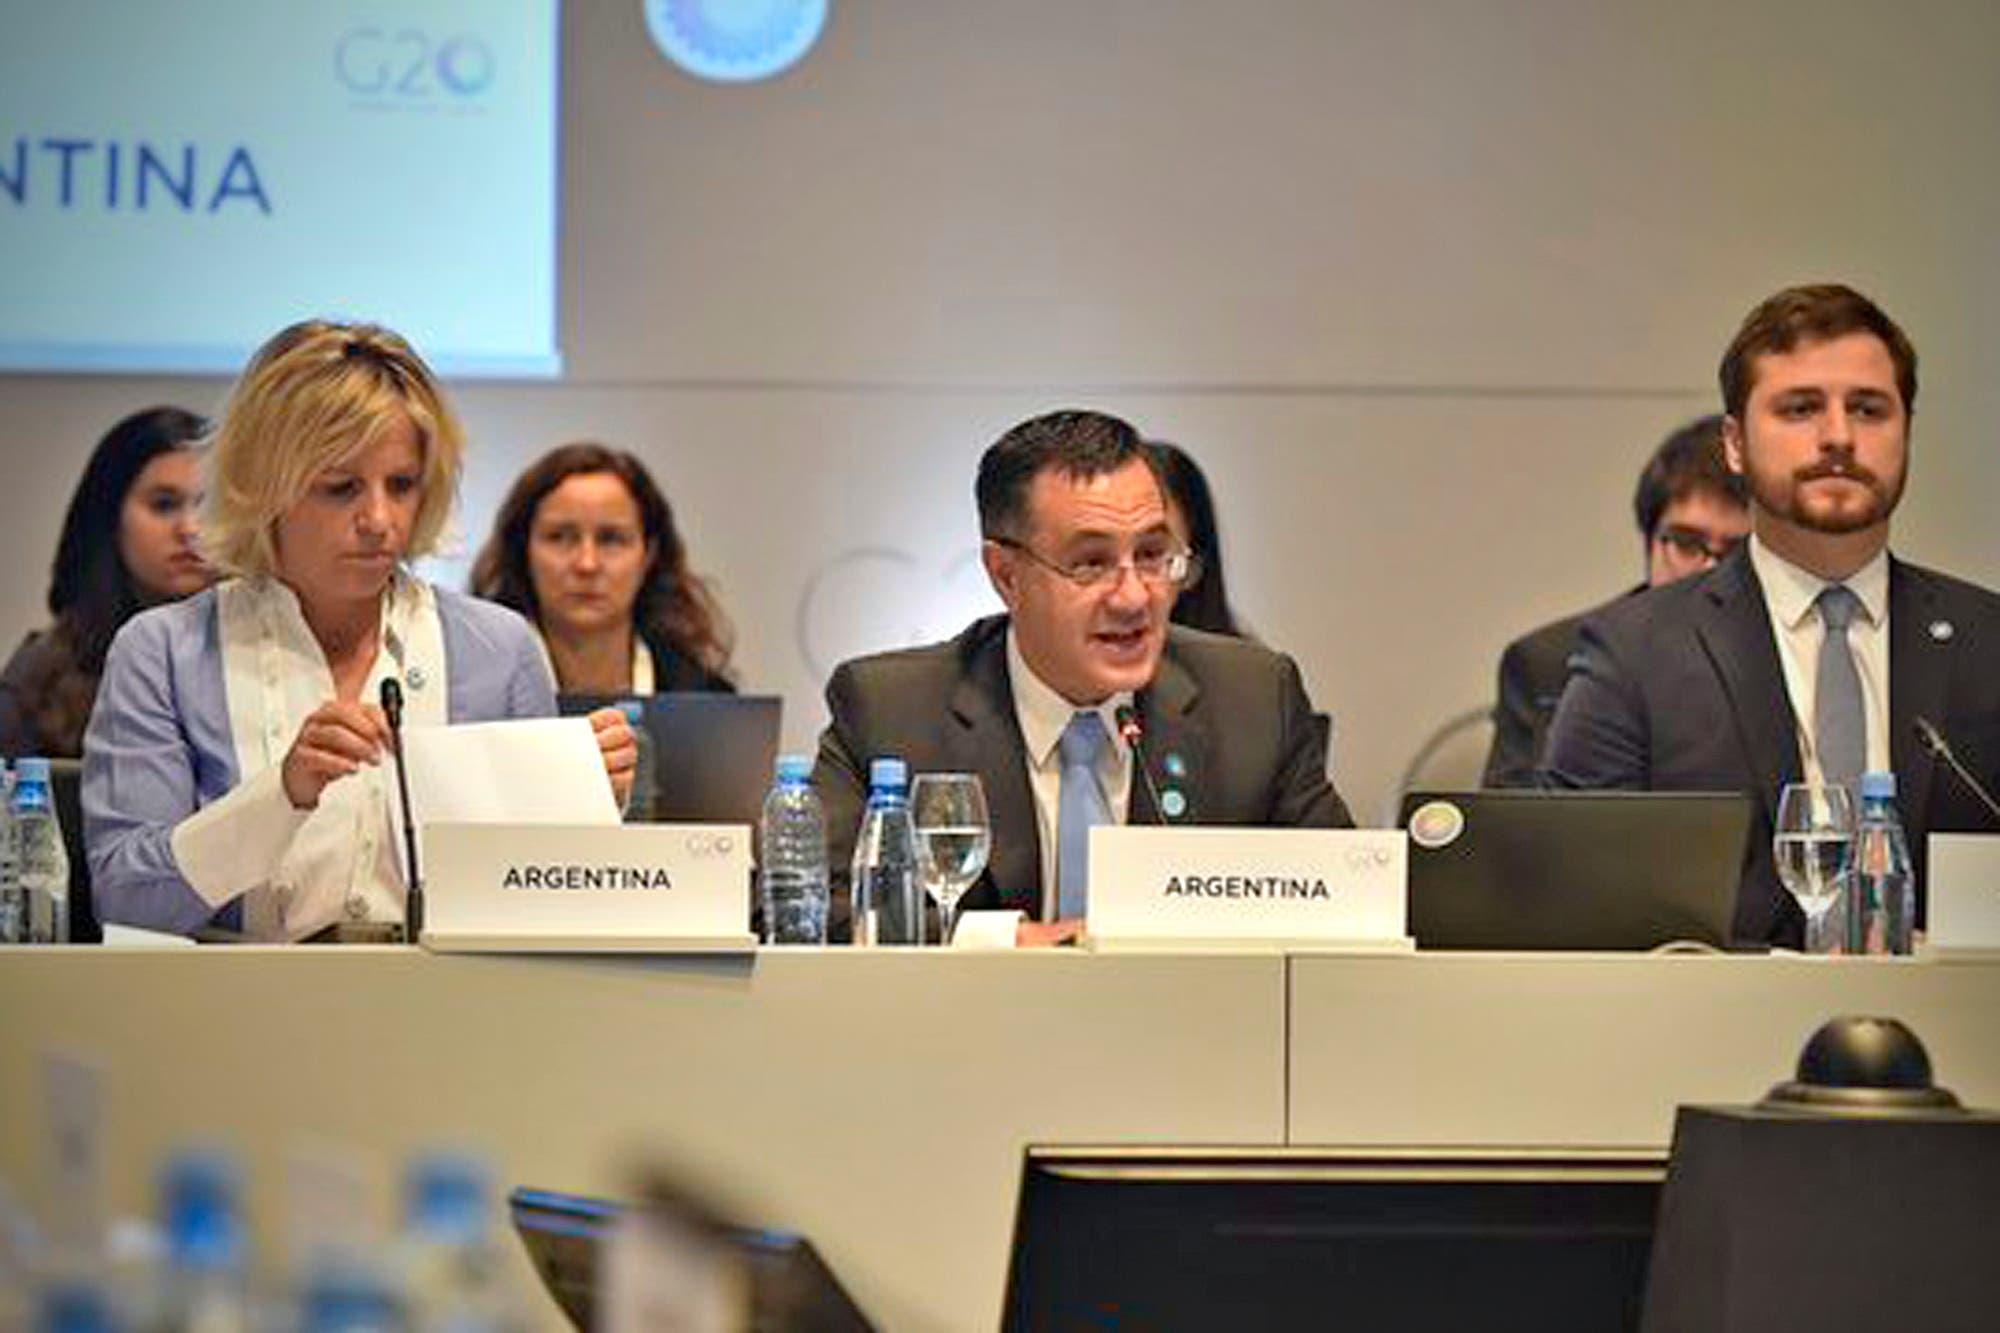 La educación de calidad como derecho humano, base de la declaración del G20